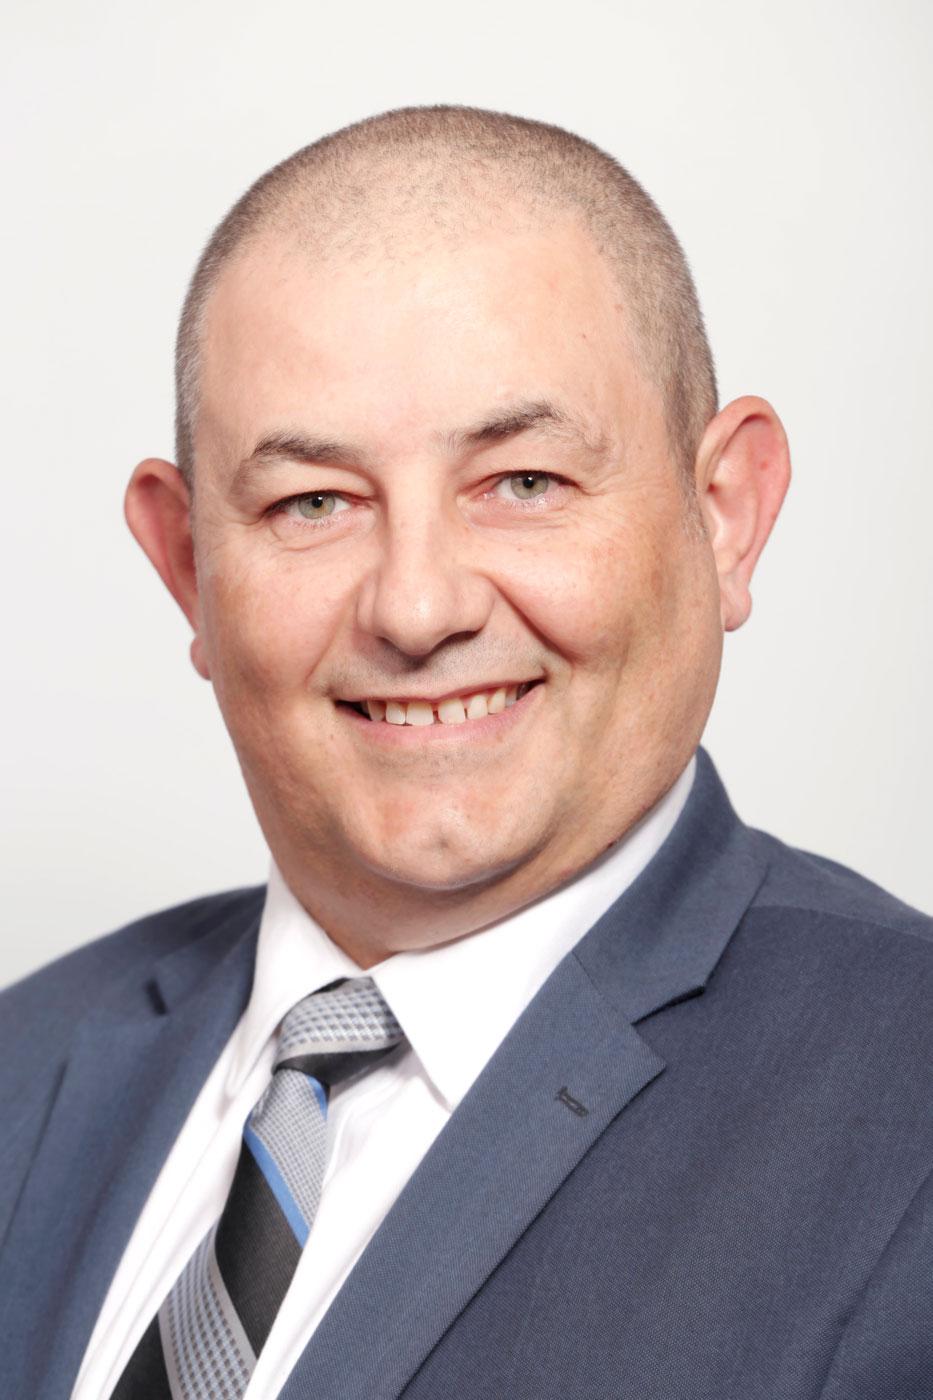 John Zaccagnini